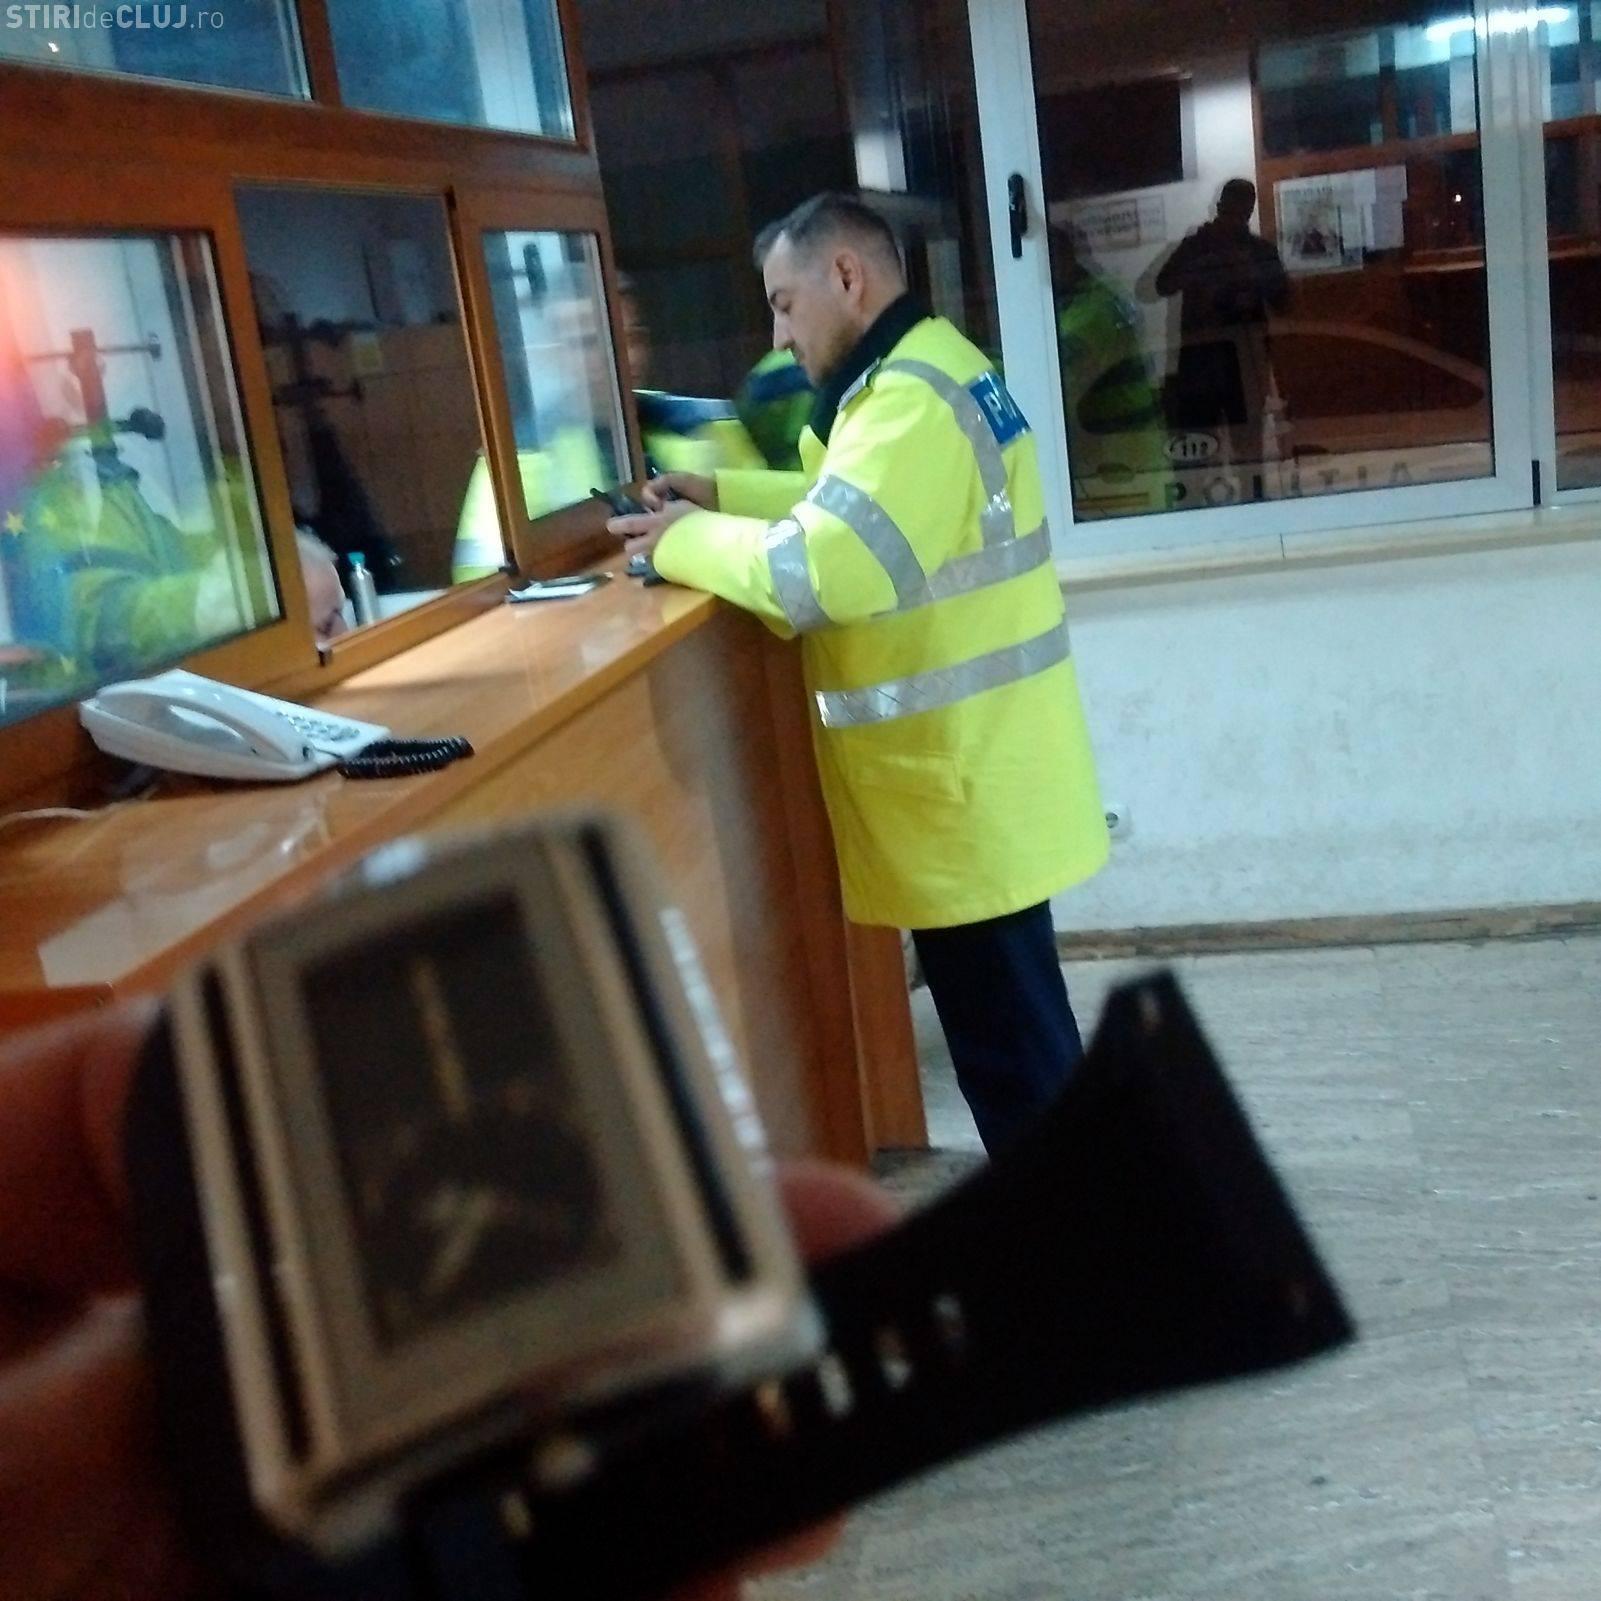 ABUZ al Poliției Cluj! Tânăr încătușat și ARESTAT pentru că a trecut strada pe ROȘU. Polițiștii au refuzat legitimarea. Cum îi identificăm? - FOTO